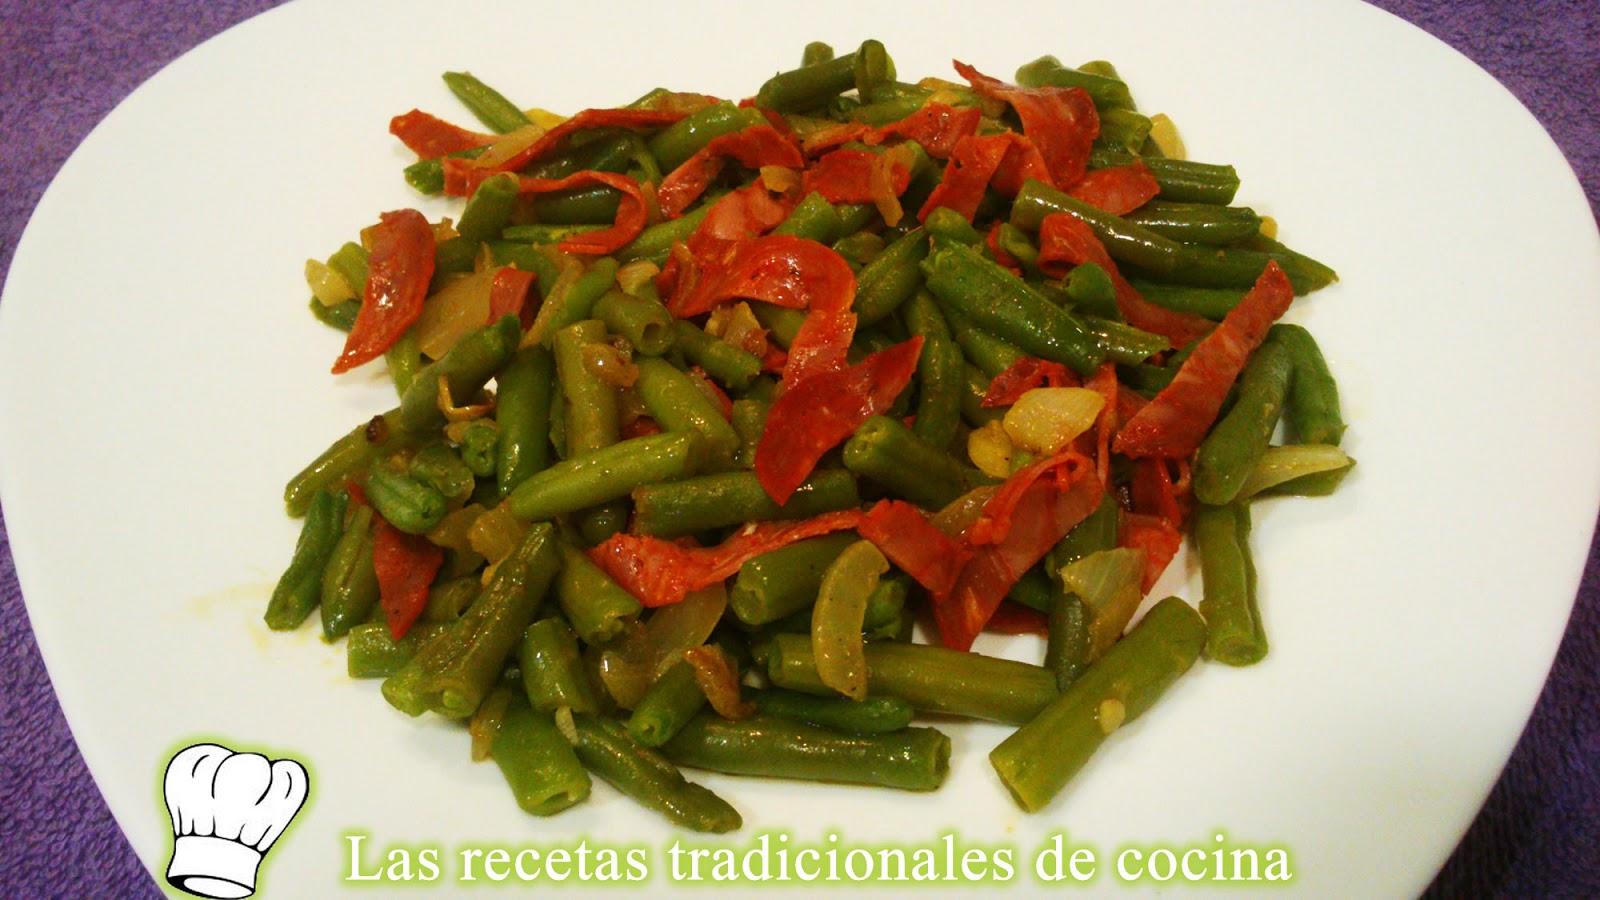 Receta de jud as bobby con chorizo recetas de cocina con sabor tradicional - Judias con chorizo y patatas ...